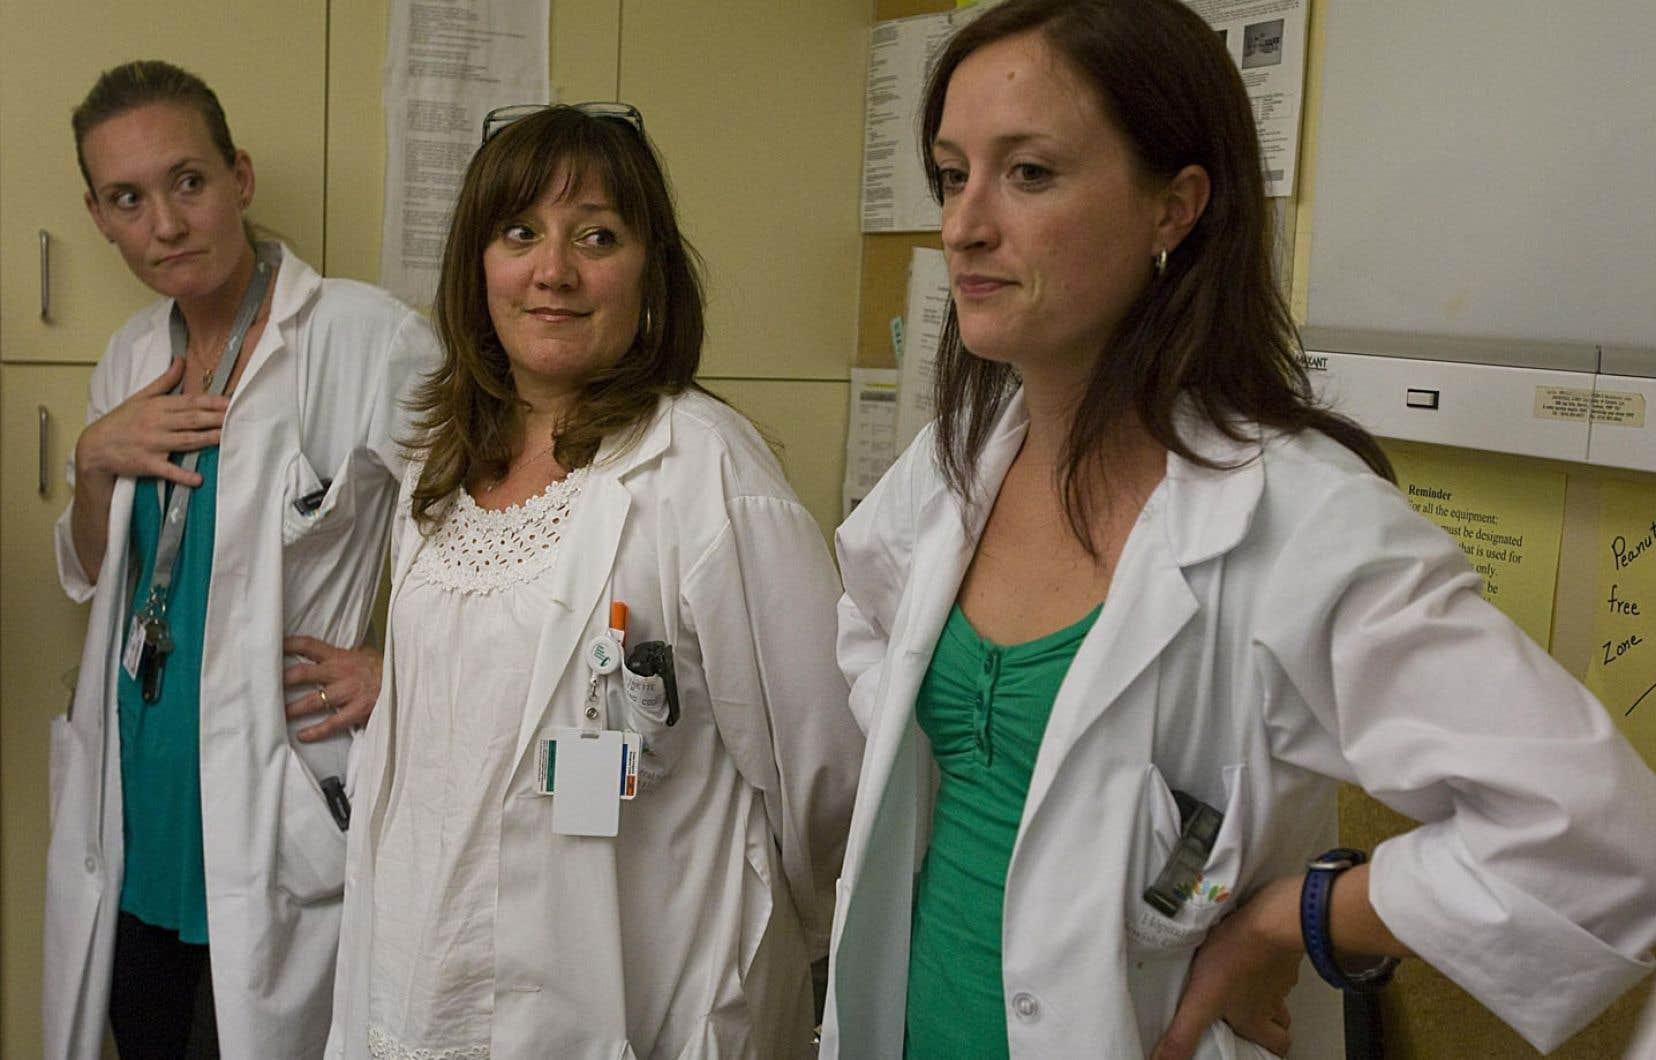 La grande majorité des médecins résidents dit ne pas porter de signe religieux, soit 85 %.